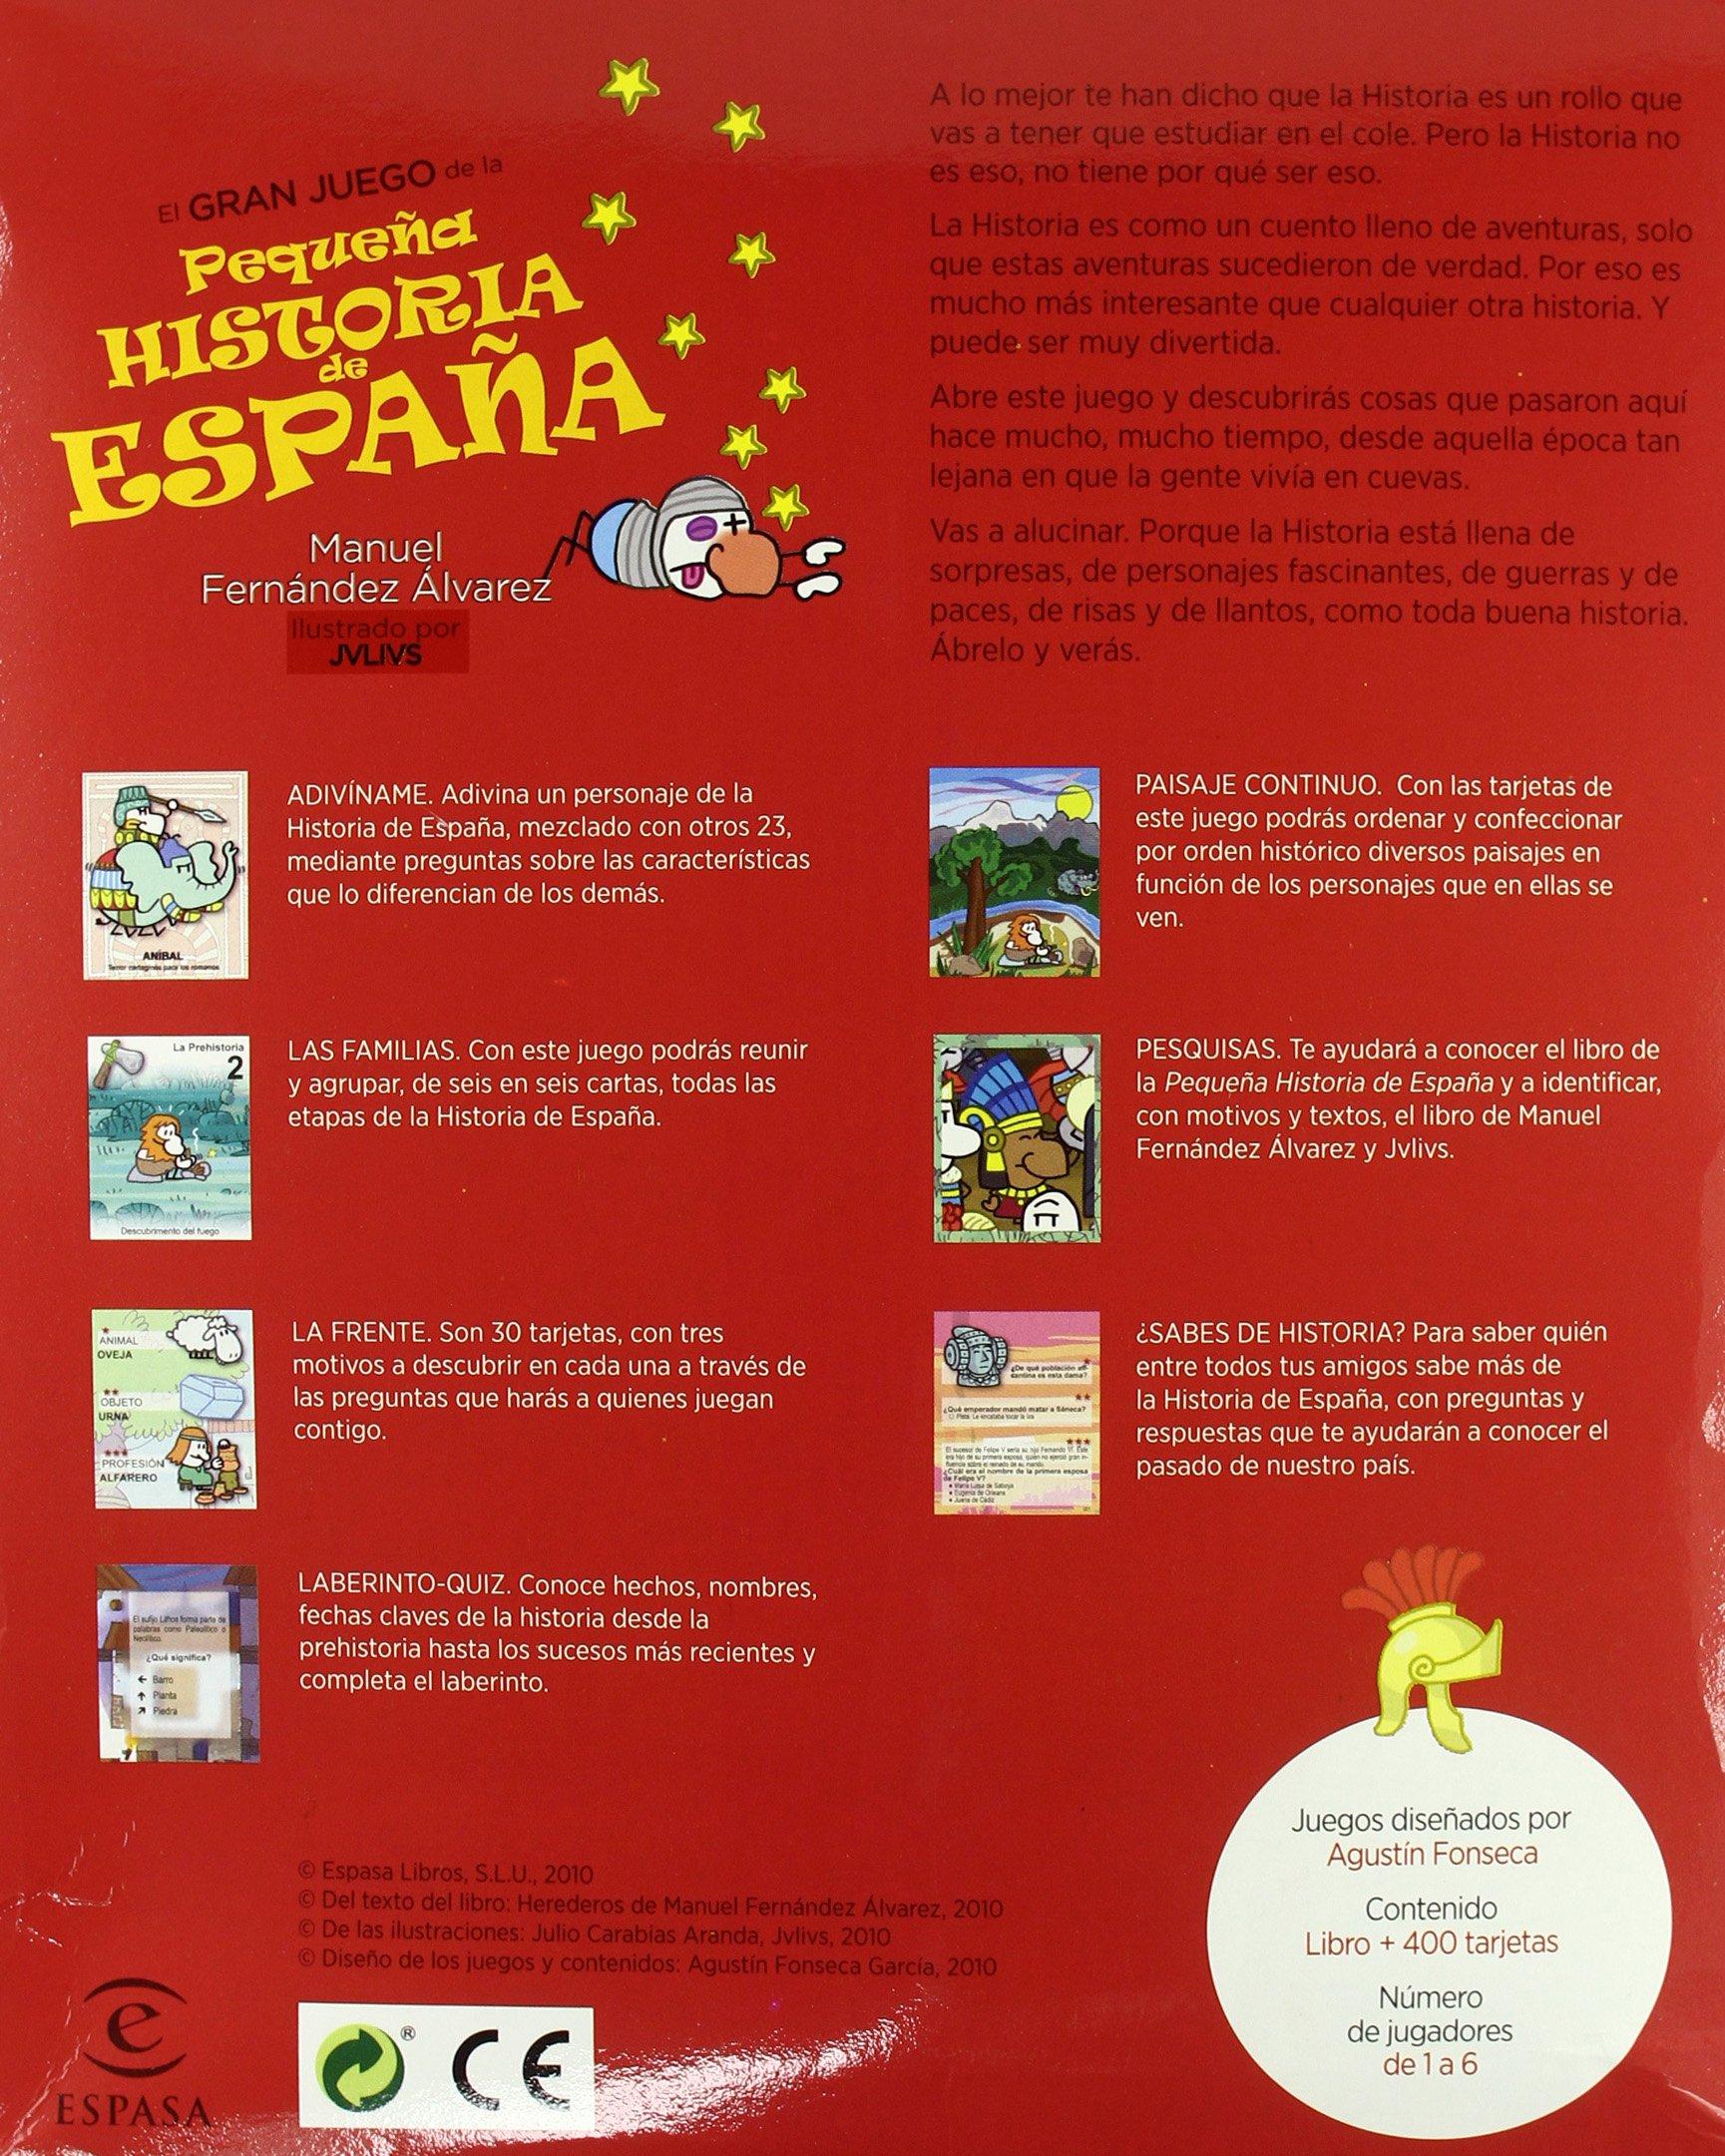 El gran juego de la Pequeña historia de España FUERA DE COLECCIÓN Y ONE SHOT: Amazon.es: Fernández Álvarez, Manuel: Libros